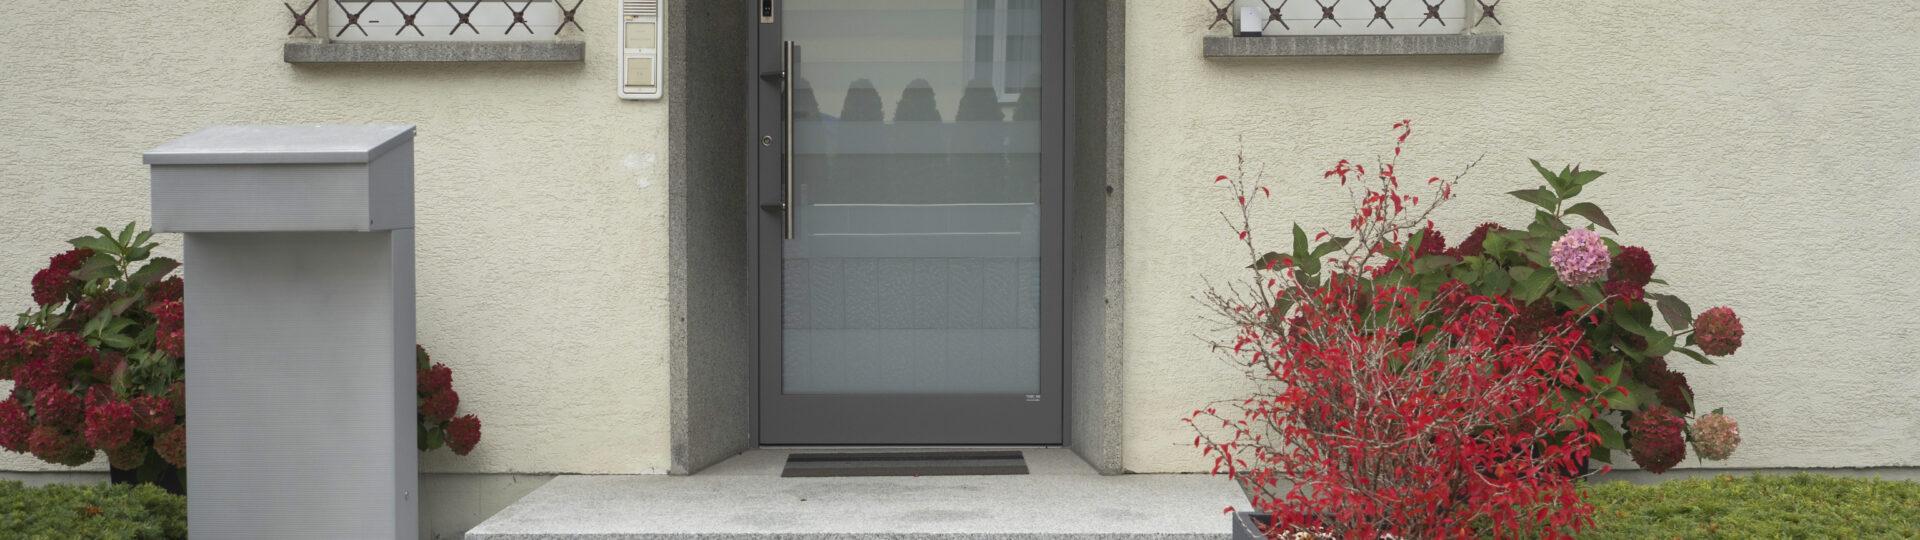 Eckig oder rund - Schlüssel oder Finger Rundbogen Aluminium Haustüre voll verschweißt Headerbild